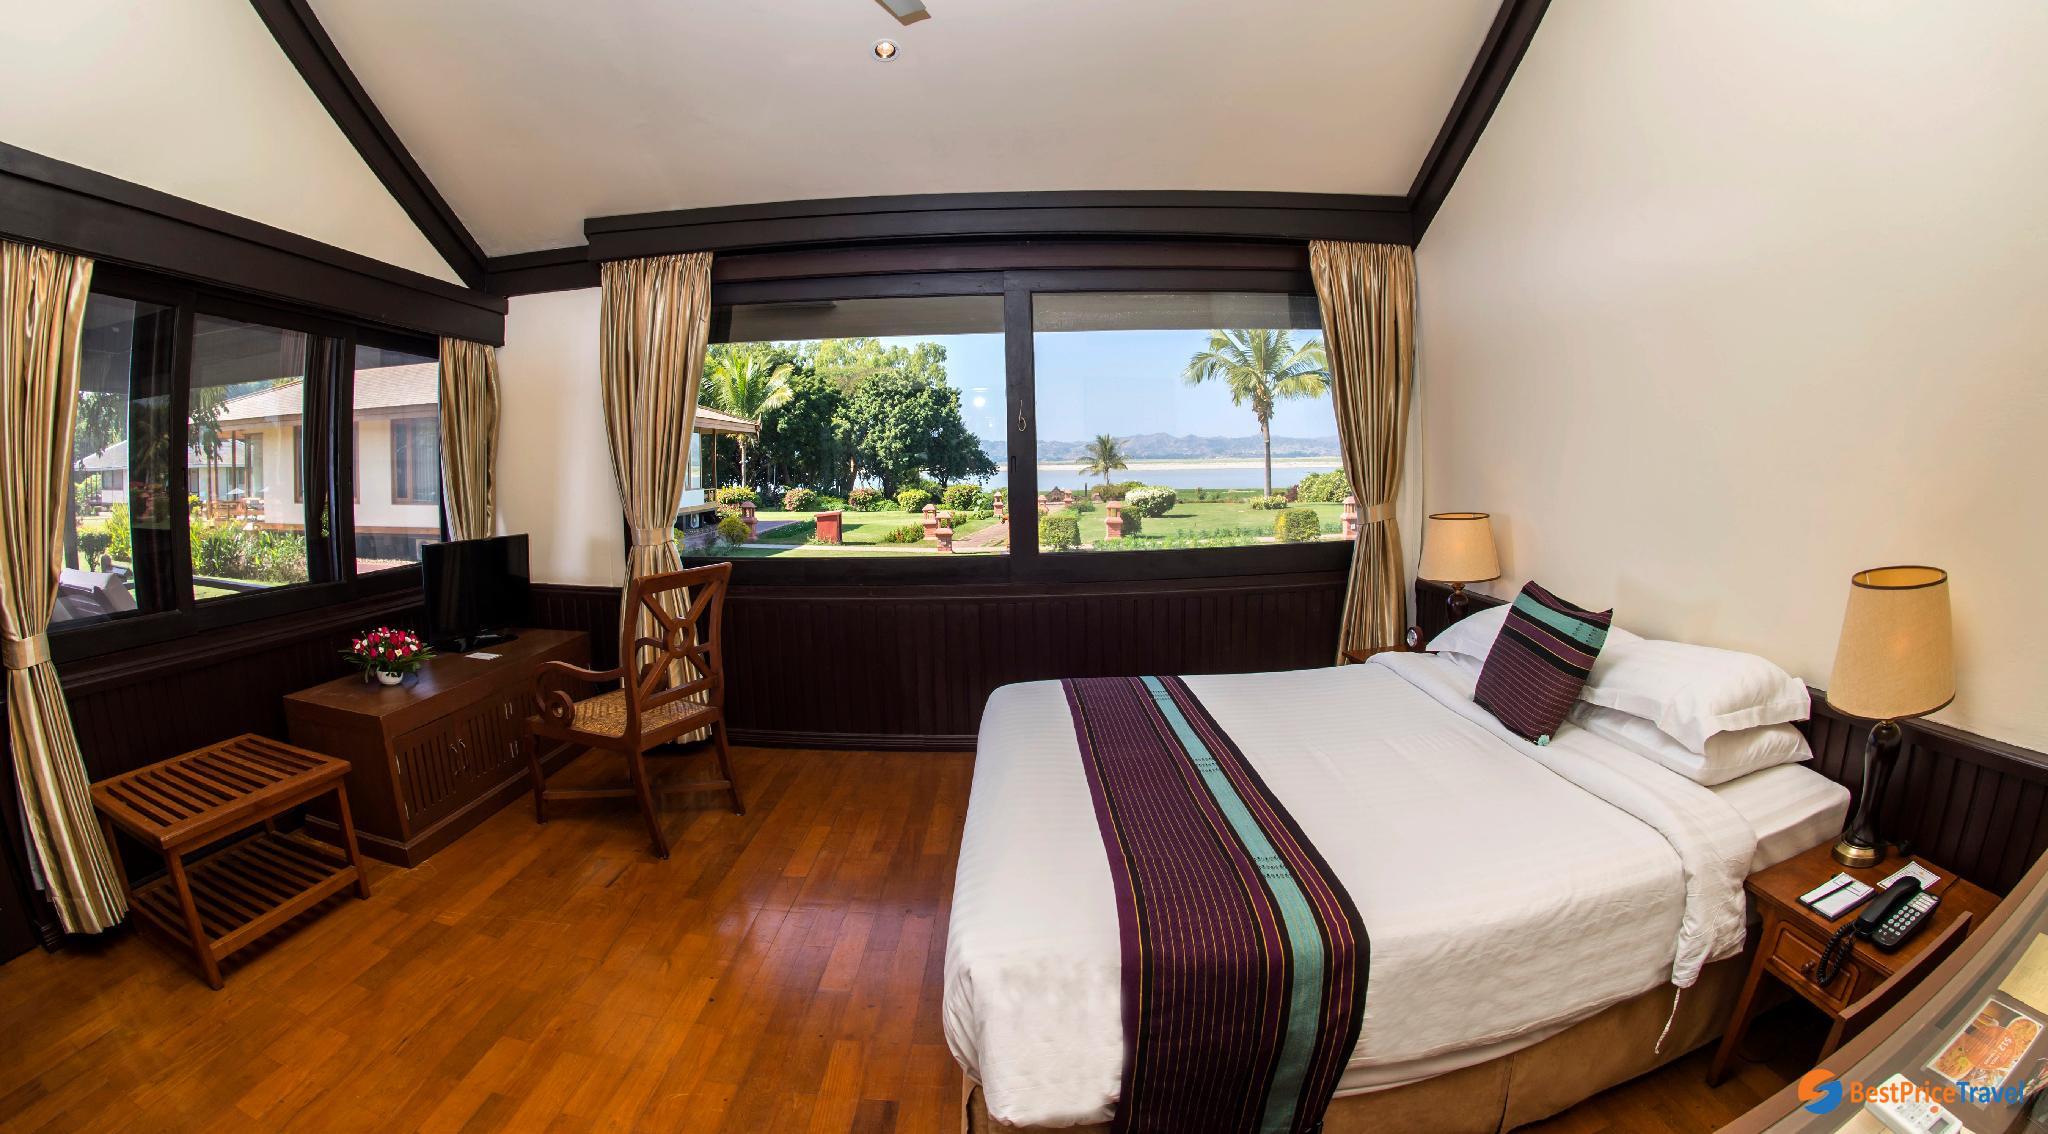 Single room at Bagan Thiripyitsaya Sanctuary